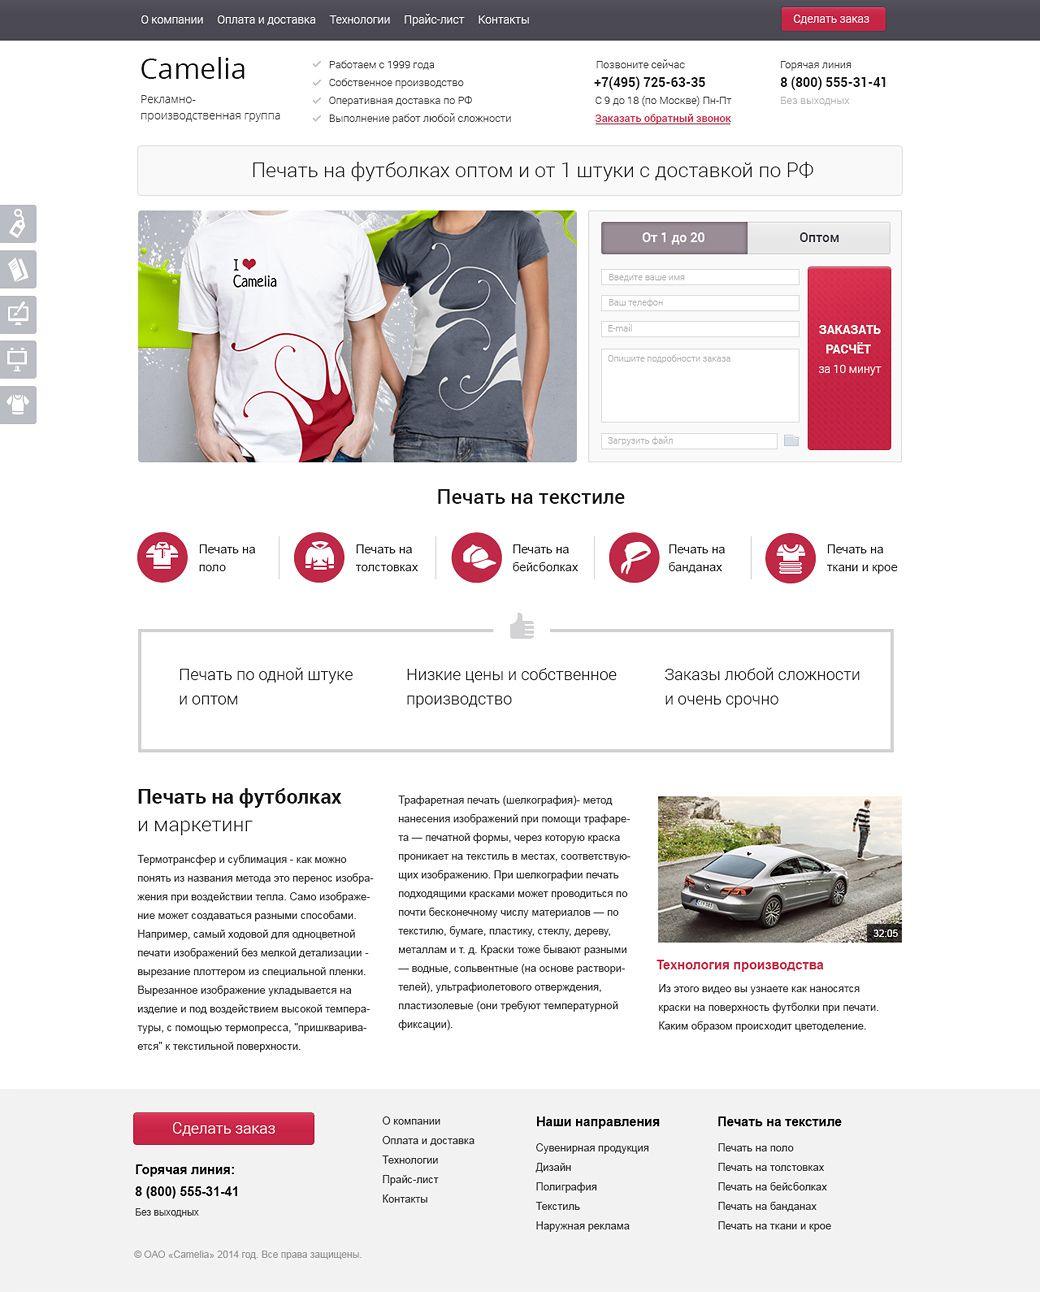 Дизайн главной страницы сайта - дизайнер feign